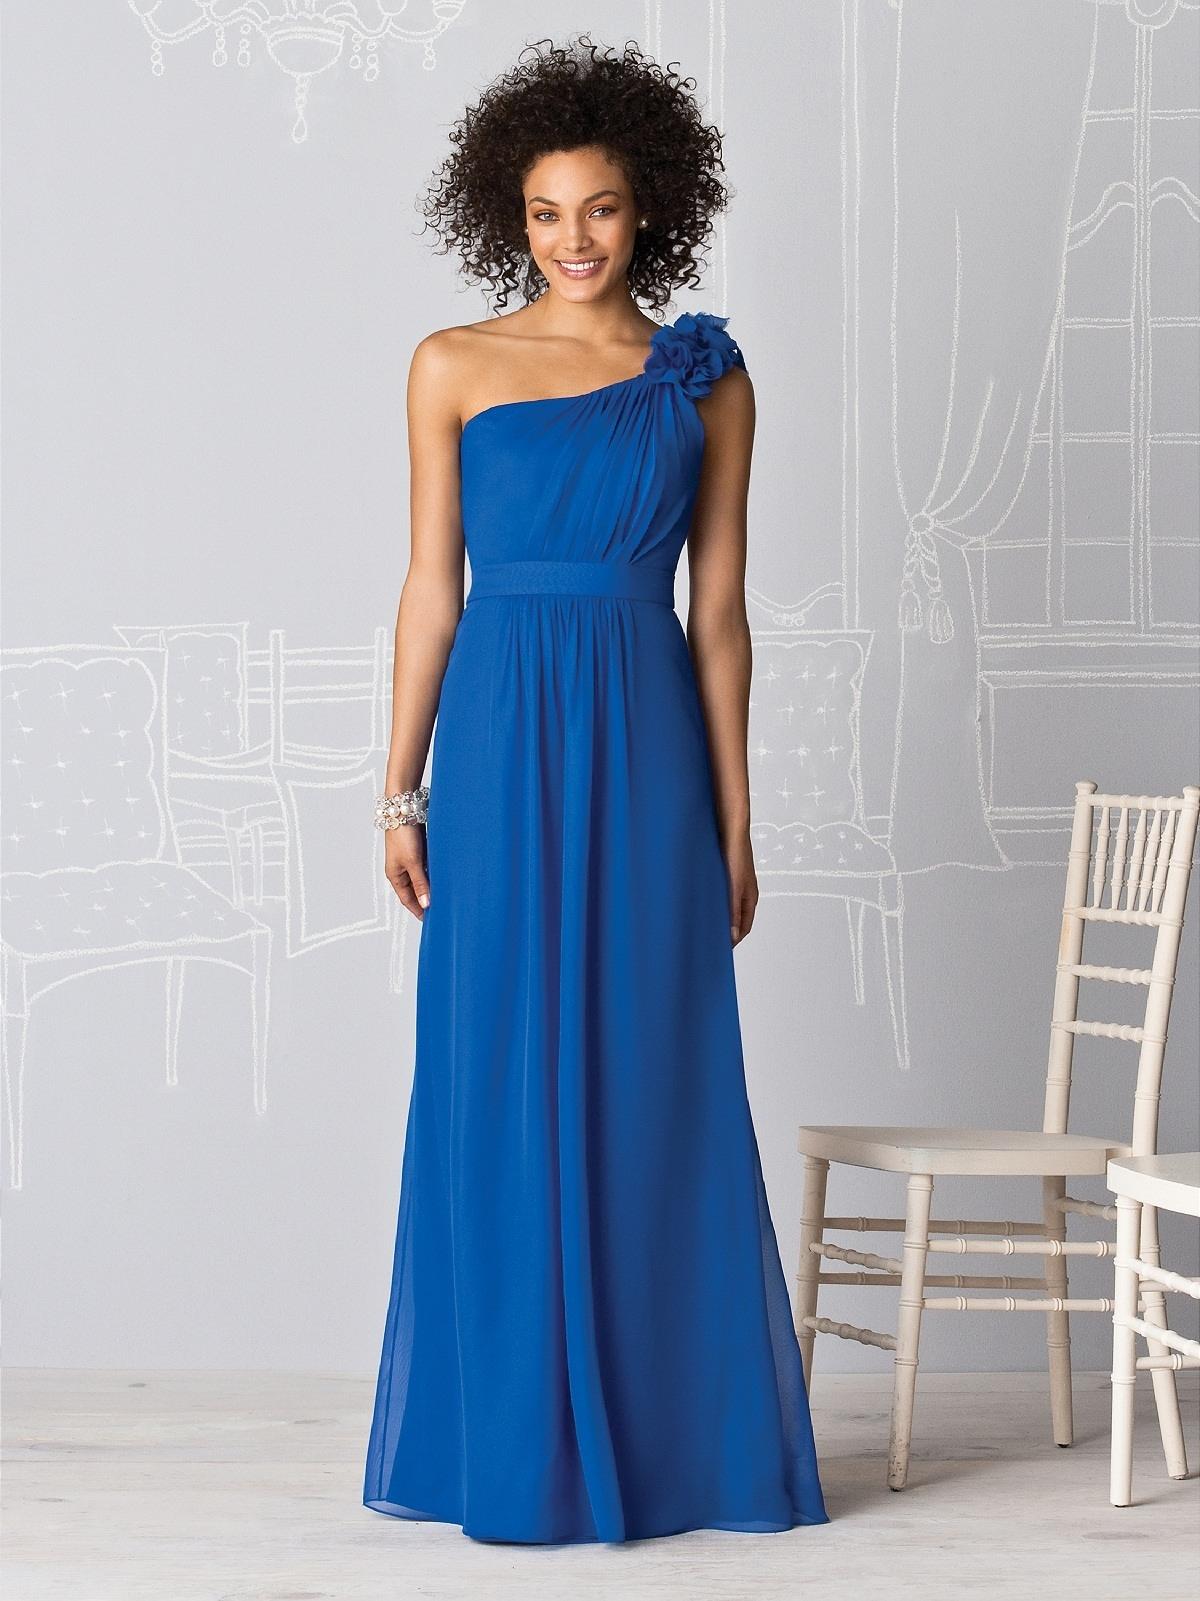 Designer Luxurius Günstige Abendkleider Design17 Genial Günstige Abendkleider Galerie